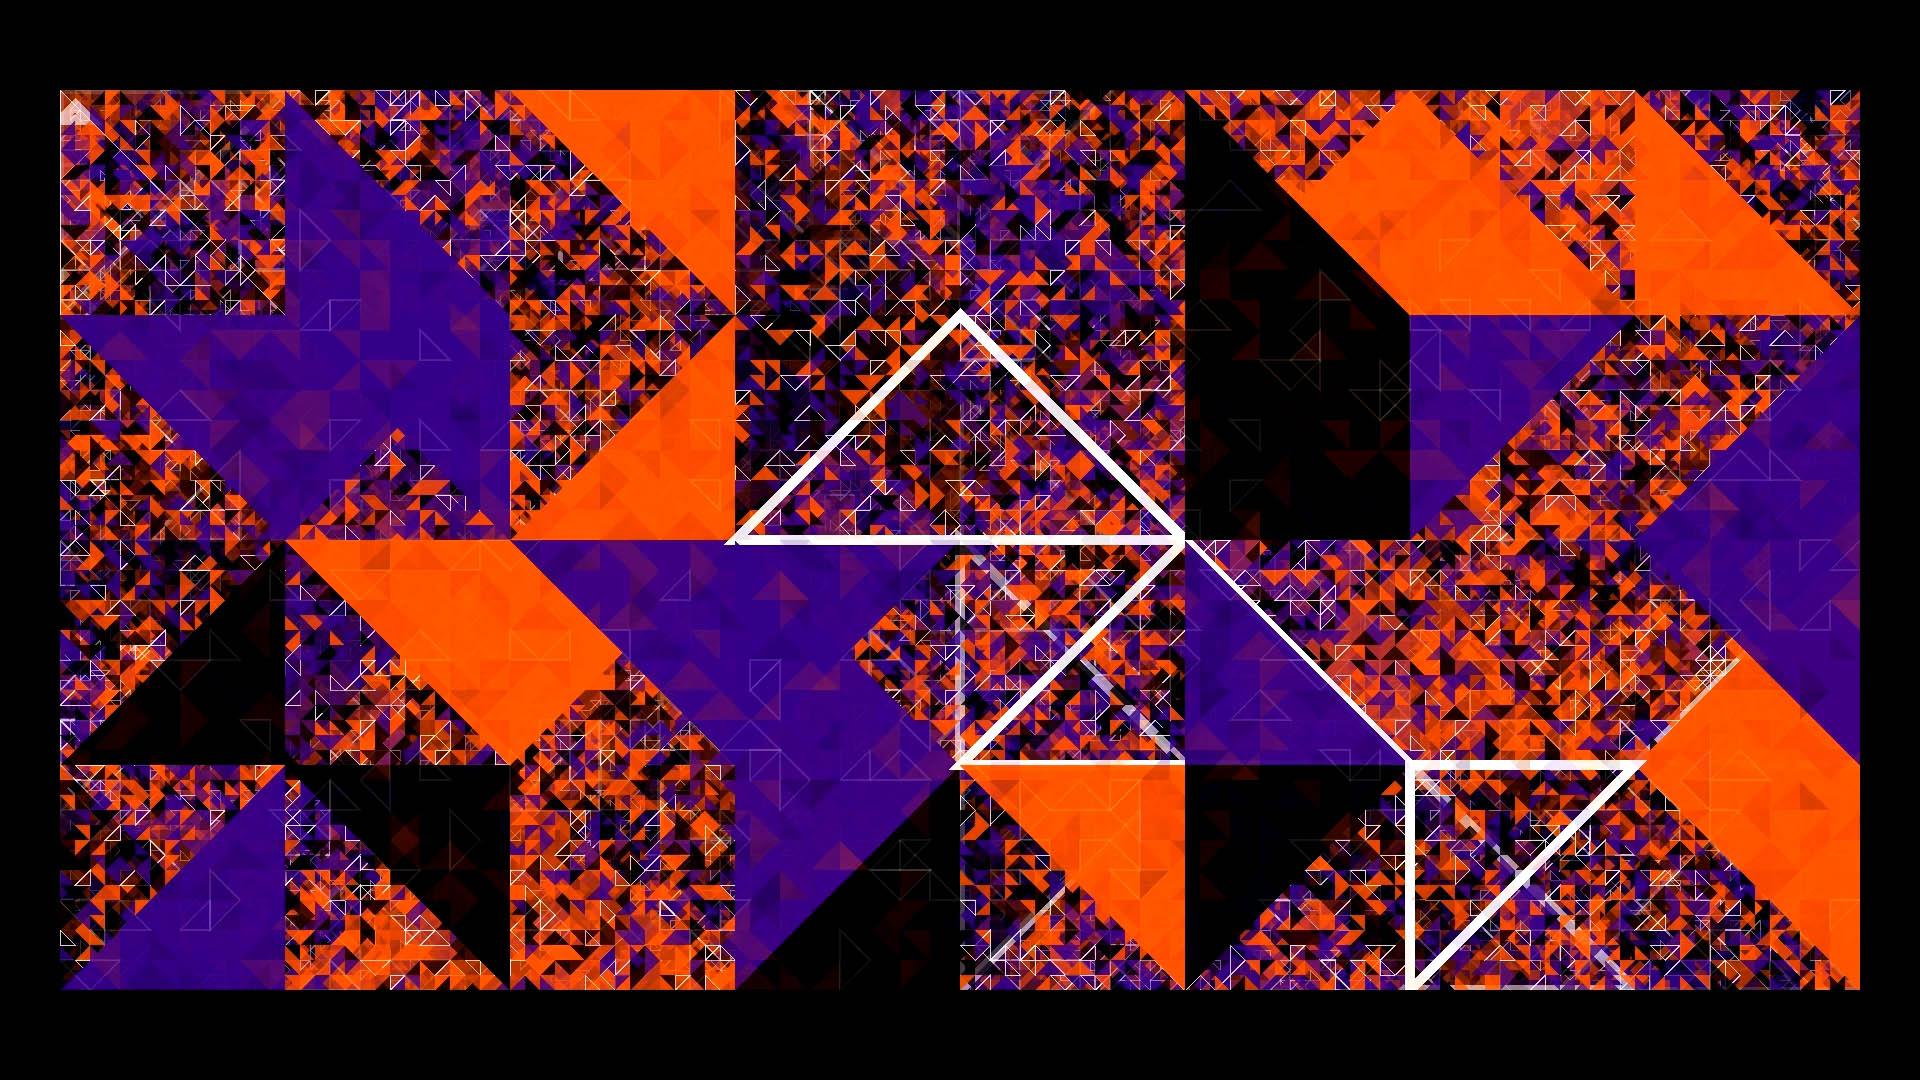 """Live-Animation """"Ritual Verality Experience"""": Hunderte von Dreiecken überlagern sich und bilden eine abstrakte Grafik. Sie sind verschieden groß, unterschiedlich gedreht und haben verschiedene Farben (blaue Fläche, rote Fläche, schwarze Fläche, weiße Umrisslinie). Einige sind transparent, sodass unruhige Durchblicke entstehen."""